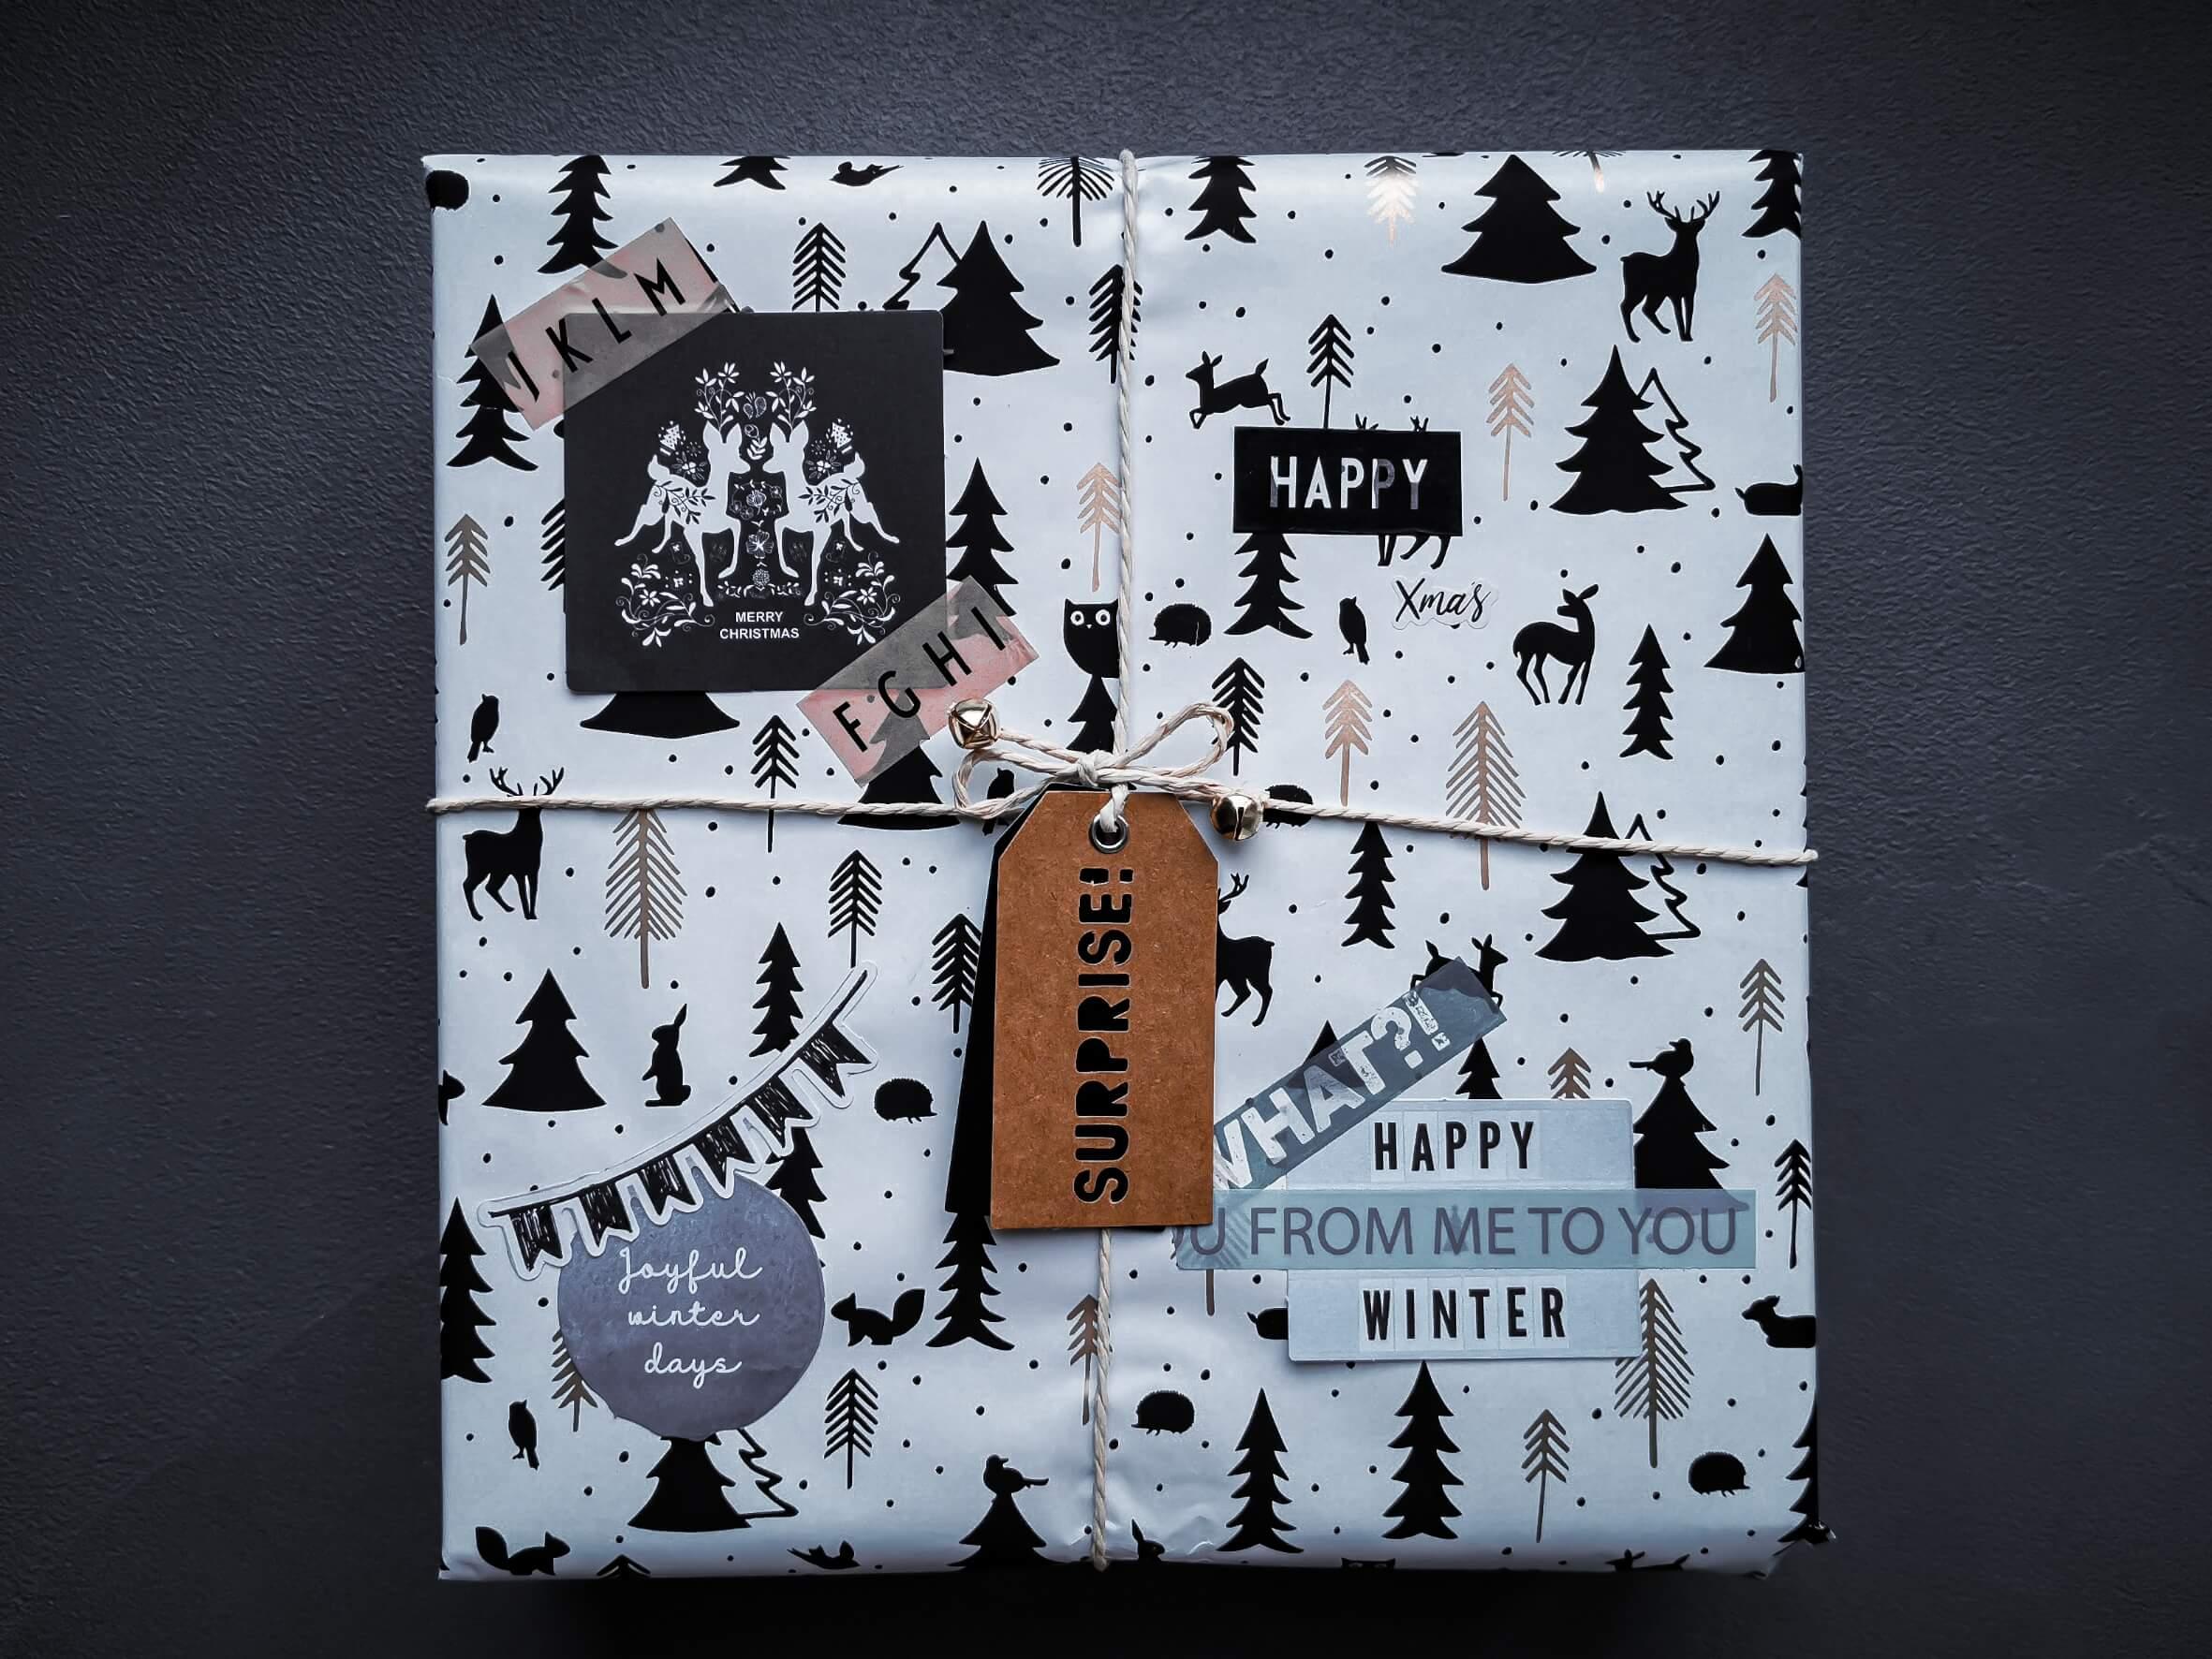 IMG 20191207 113109 resized 20191208 060148878 - Geschenke verpacken: 11 kreative Tipps zum Selbermachen